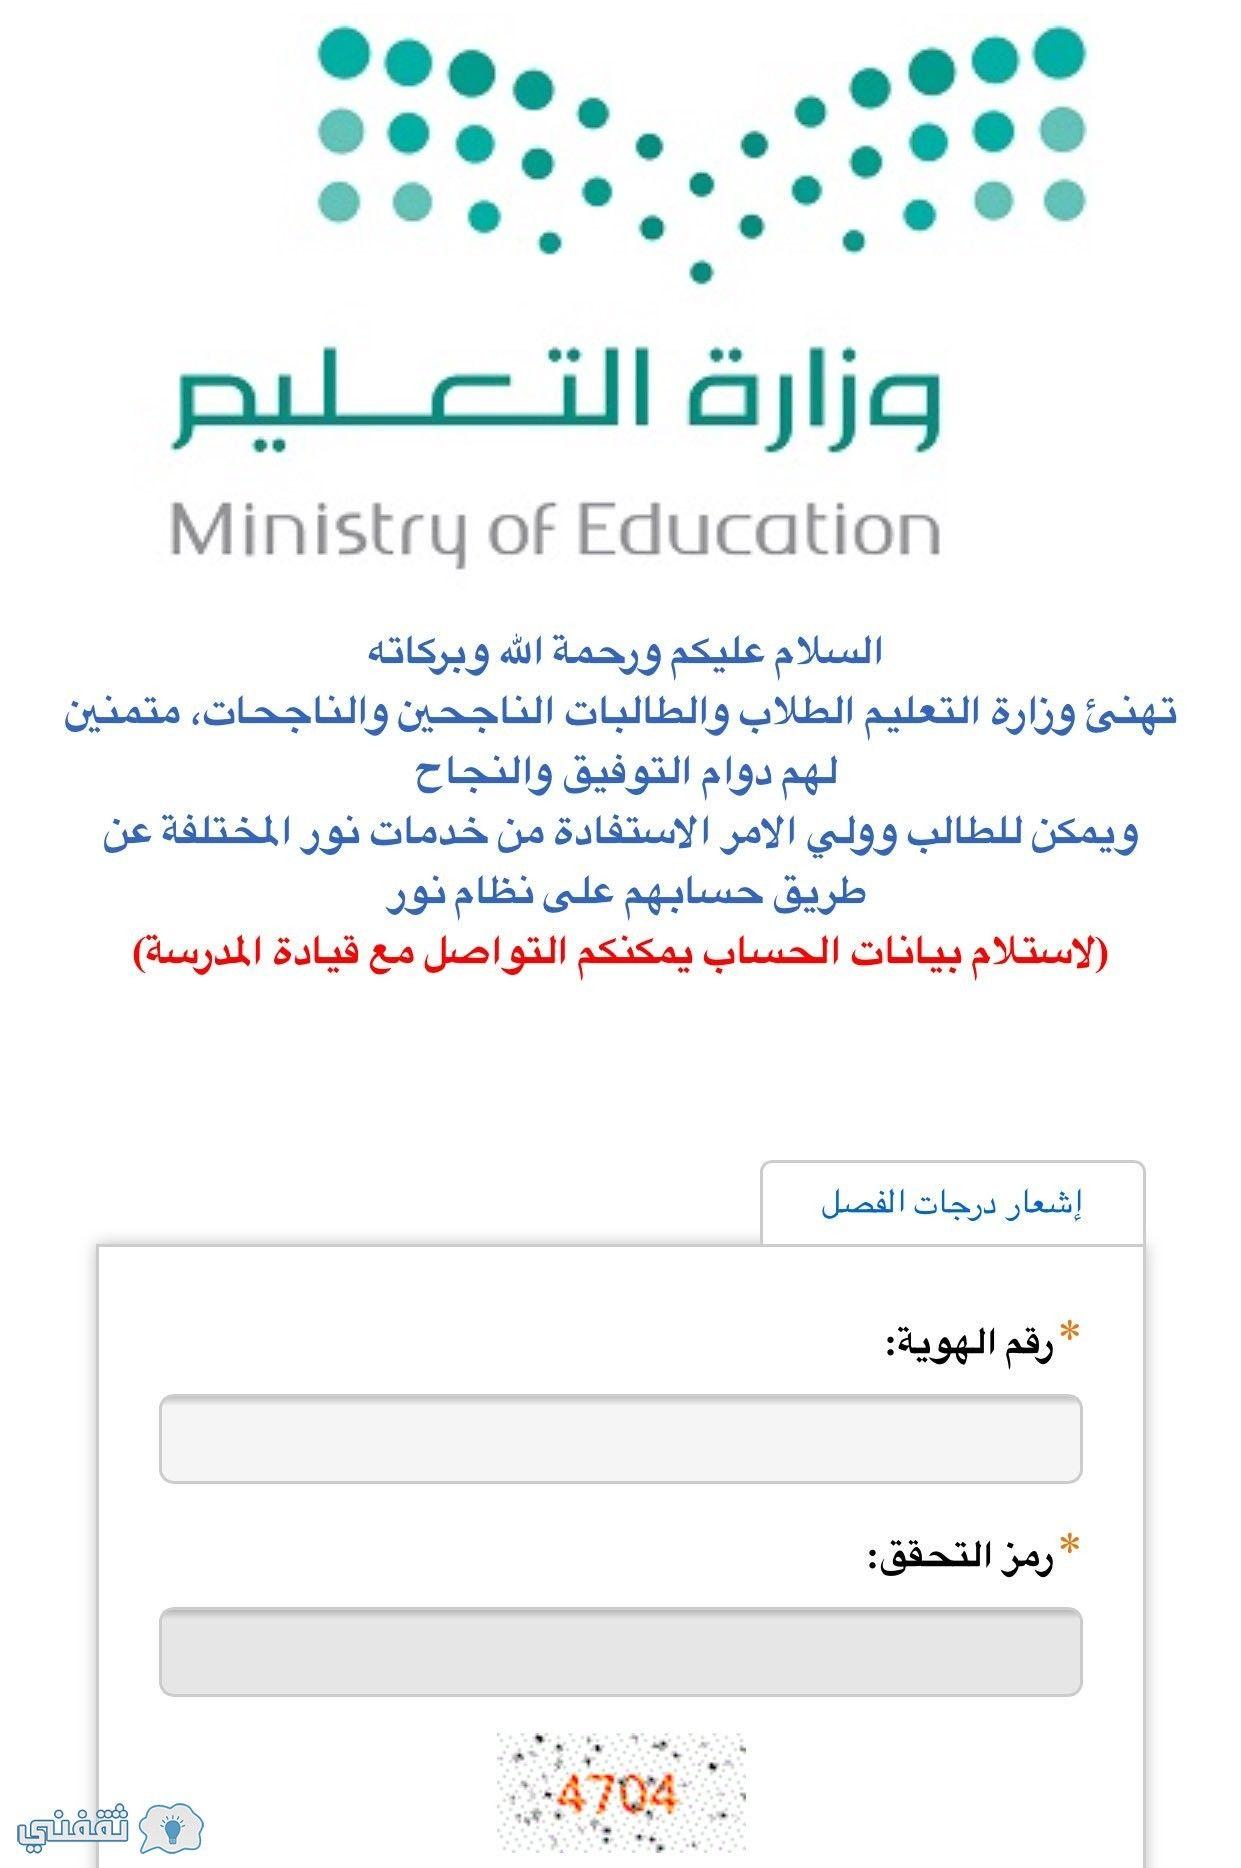 نتائج الطلاب برقم الهوية بعد أنتهاء الاختبارات بالمملكة العربية السعودية ينتظر الطلاب وأولياء الأمور نتائج Ministry Of Education Word Search Puzzle Education